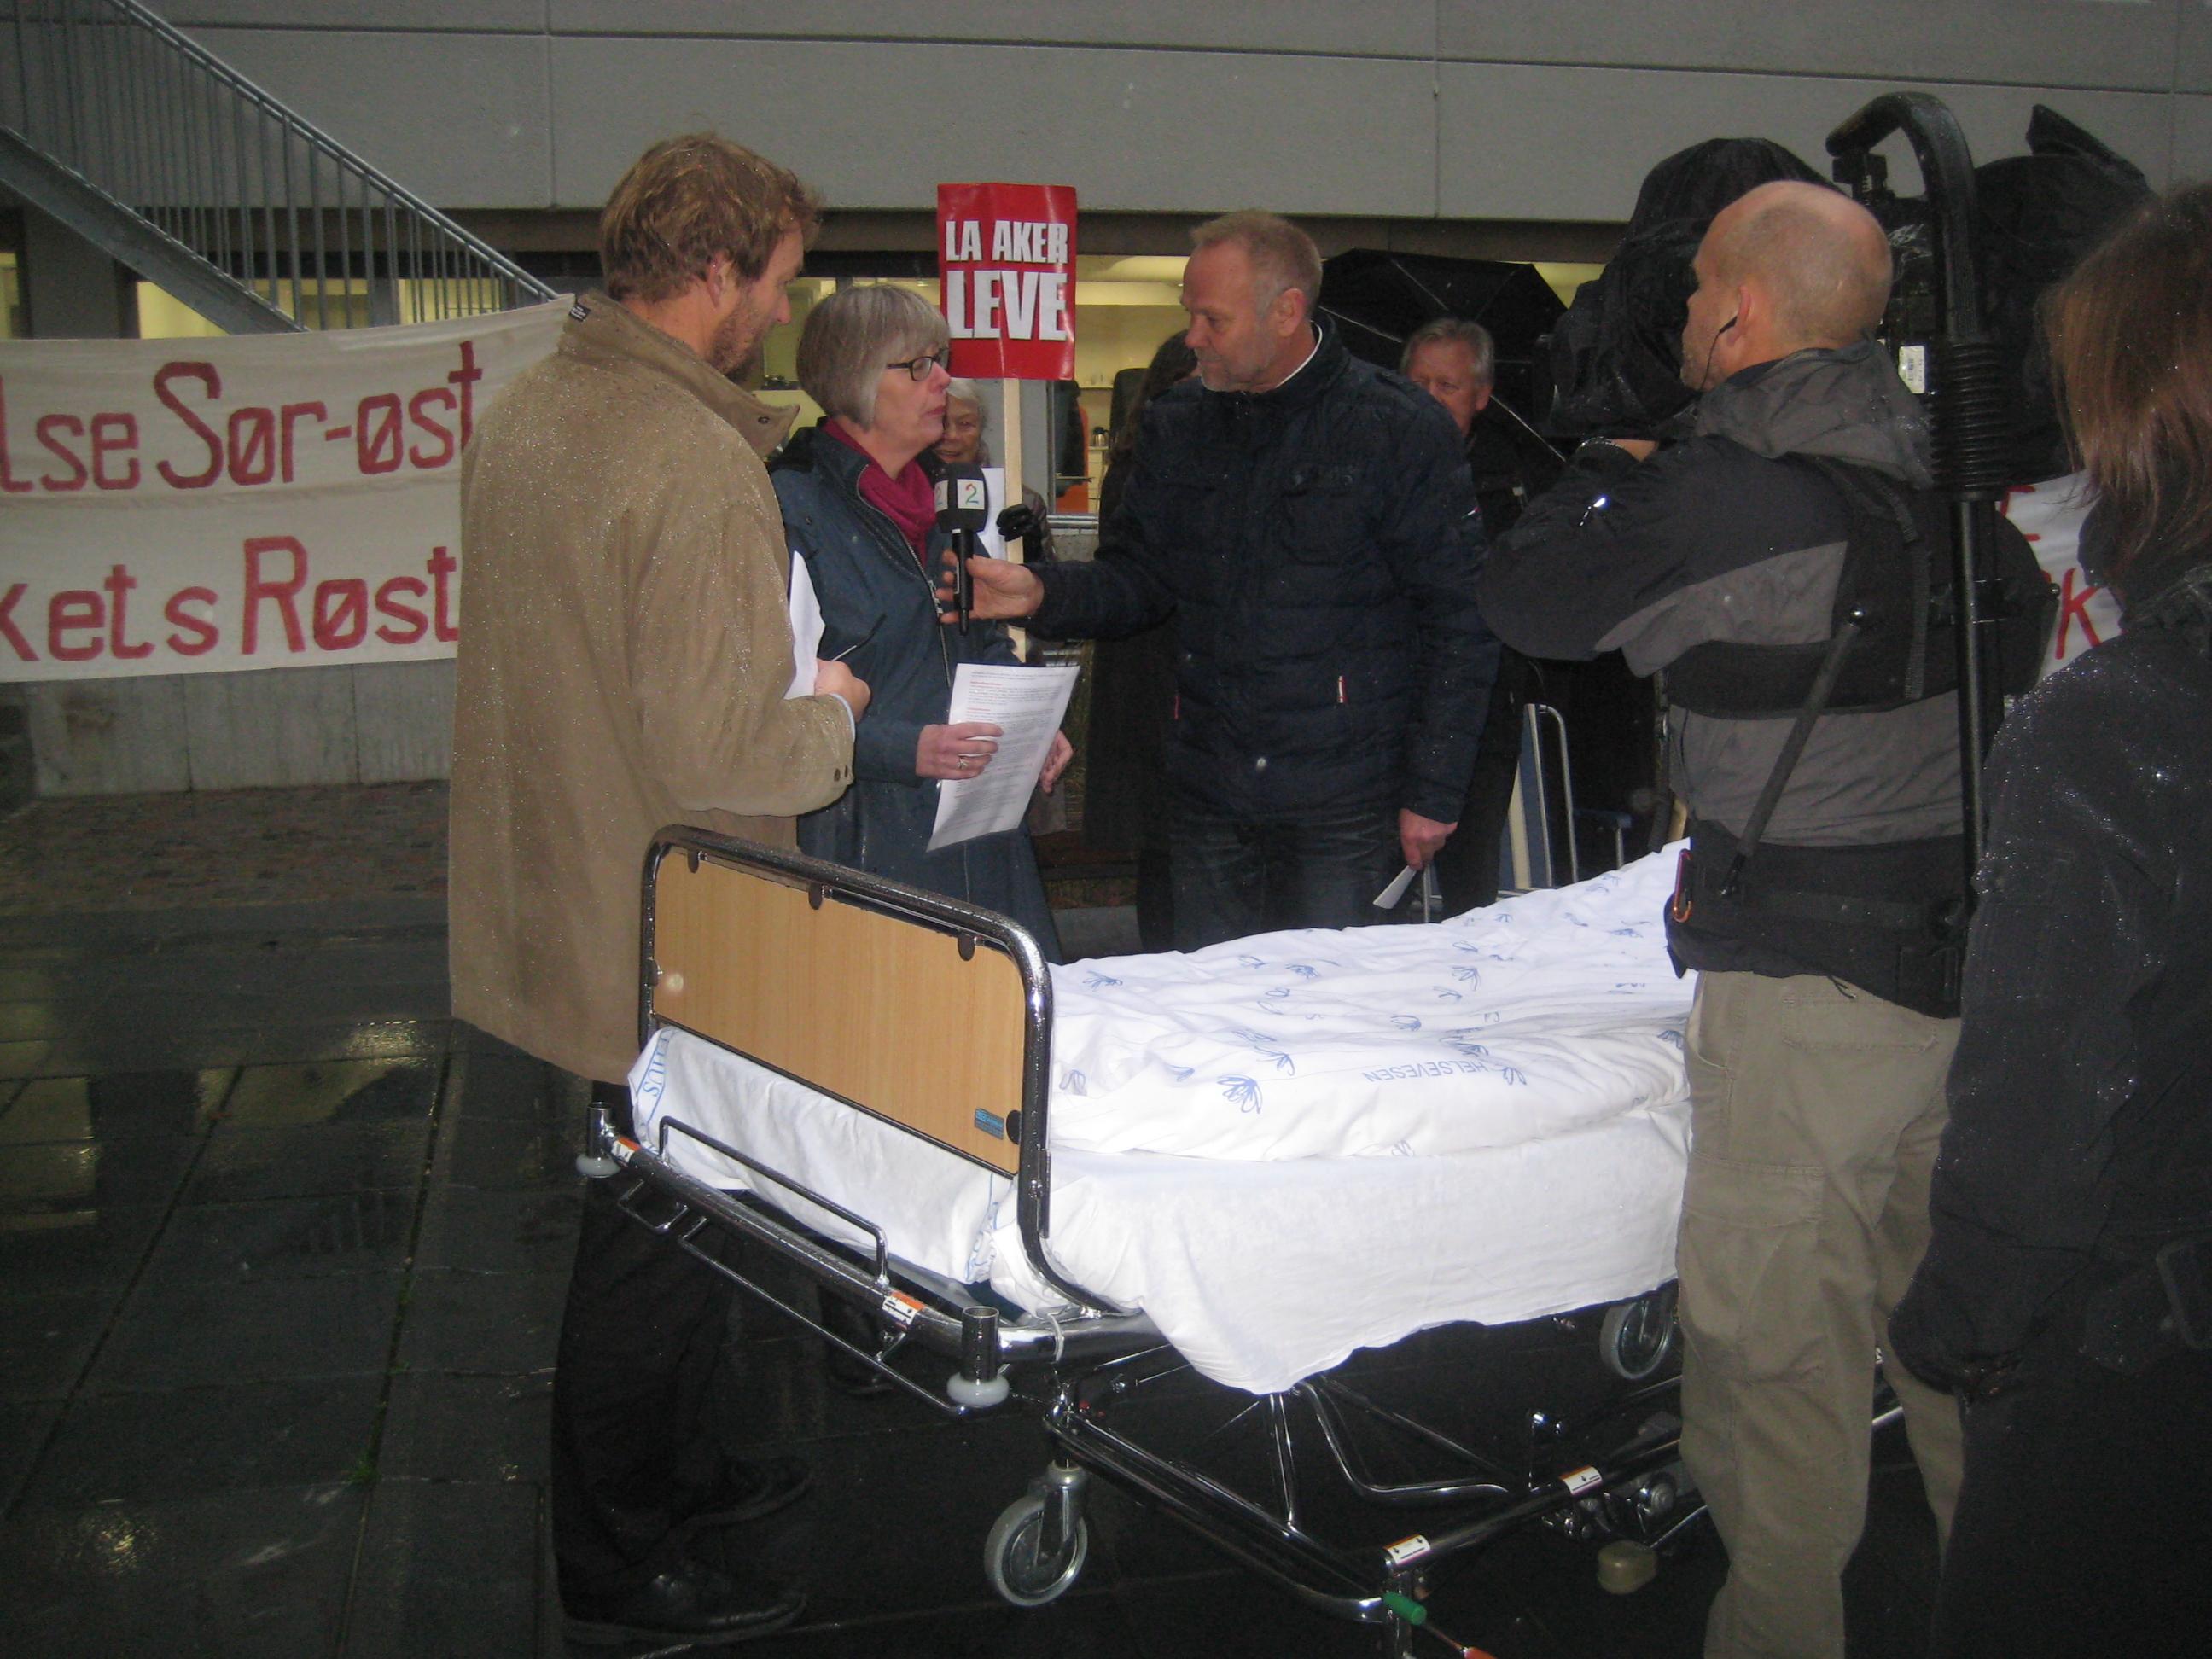 Intervju med TV2 Nyhetskanalen